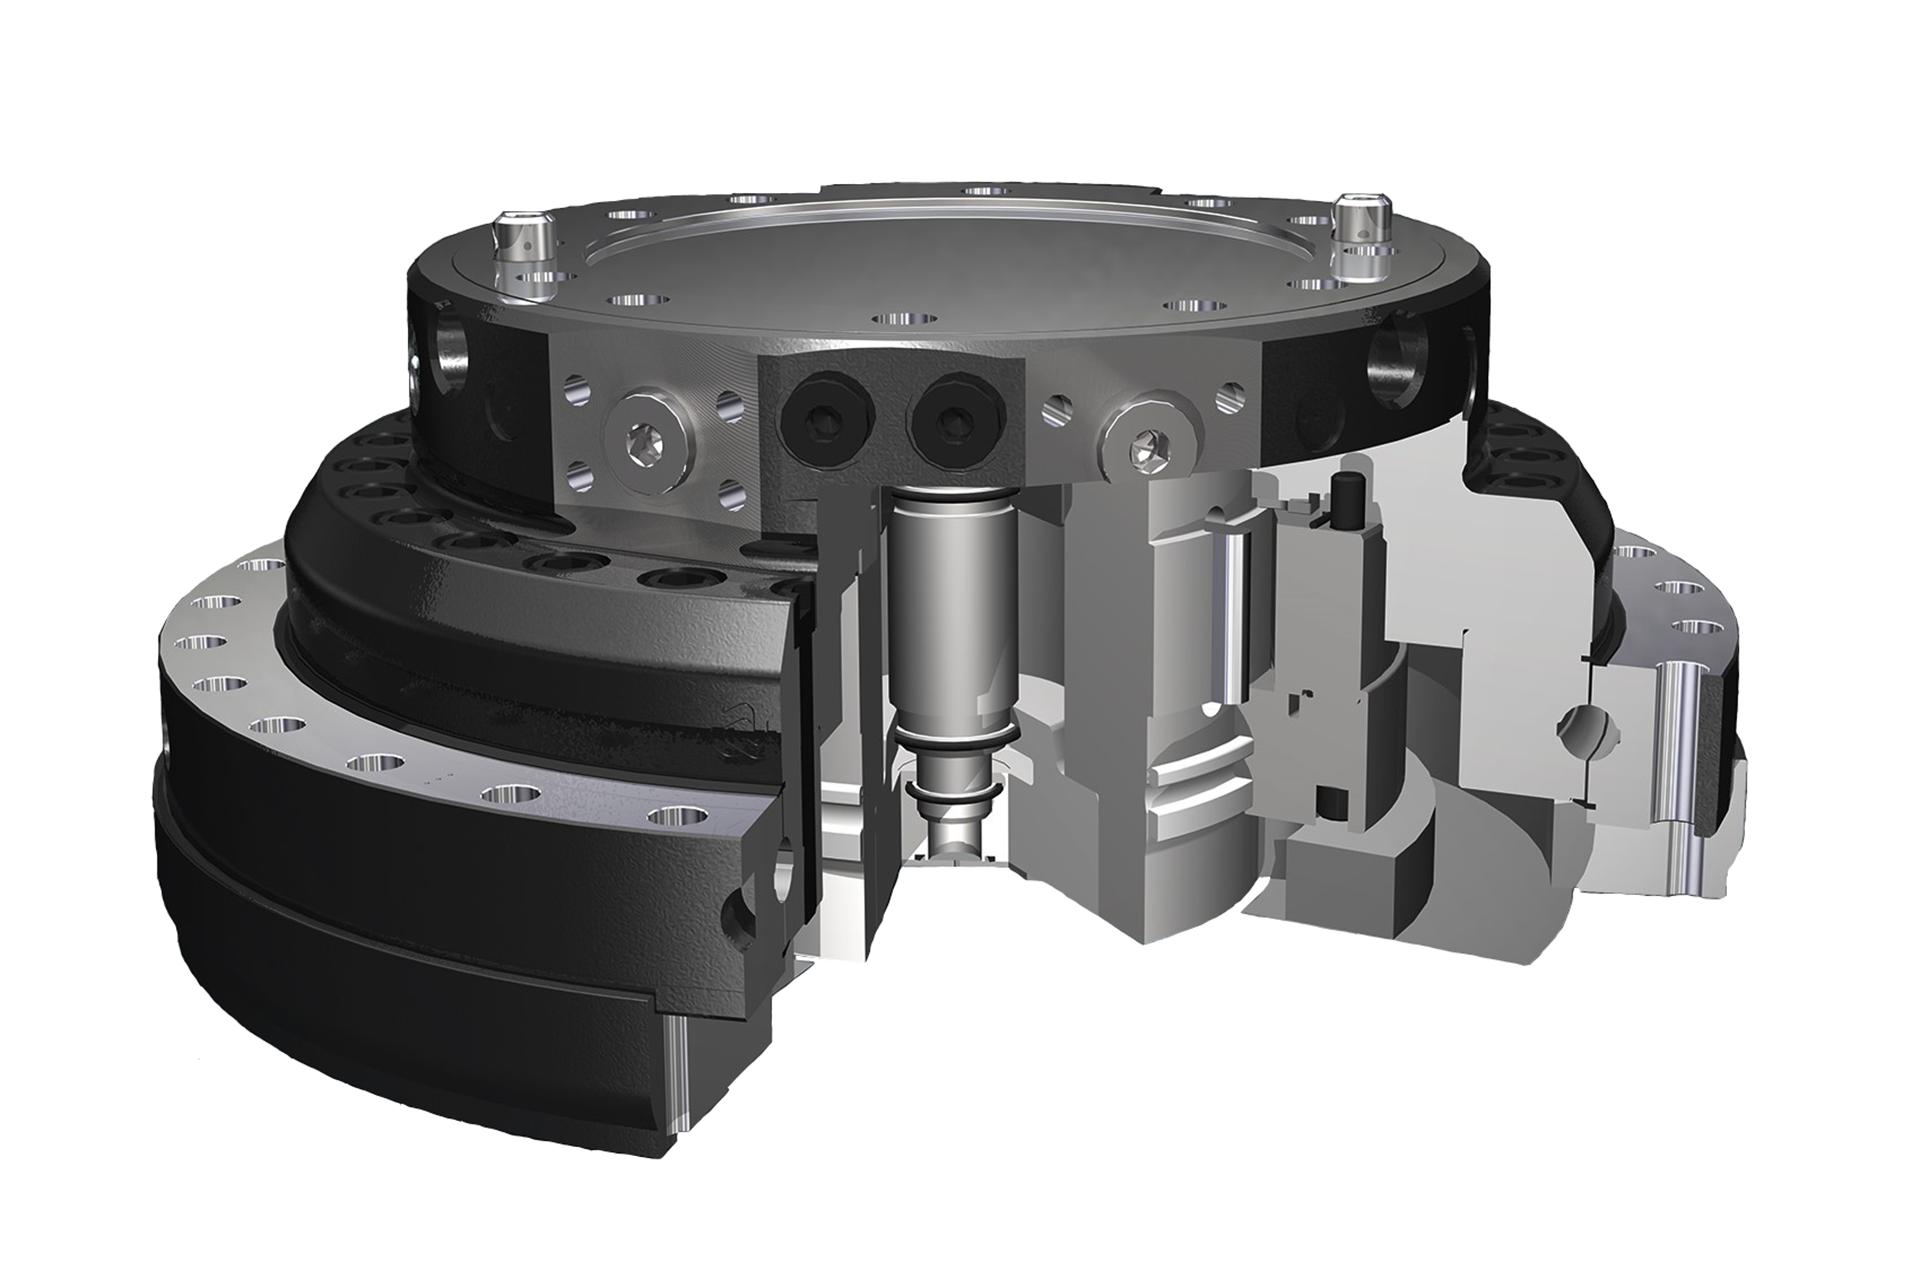 PHILIPP ForstWerkzeuge INDEXATOR Rotator XR, Kompaktrotatoren, XR-Kompaktrotator, hydraulischer Rotator, hydraulischer Drehservo, hydraulischer Drehmotor